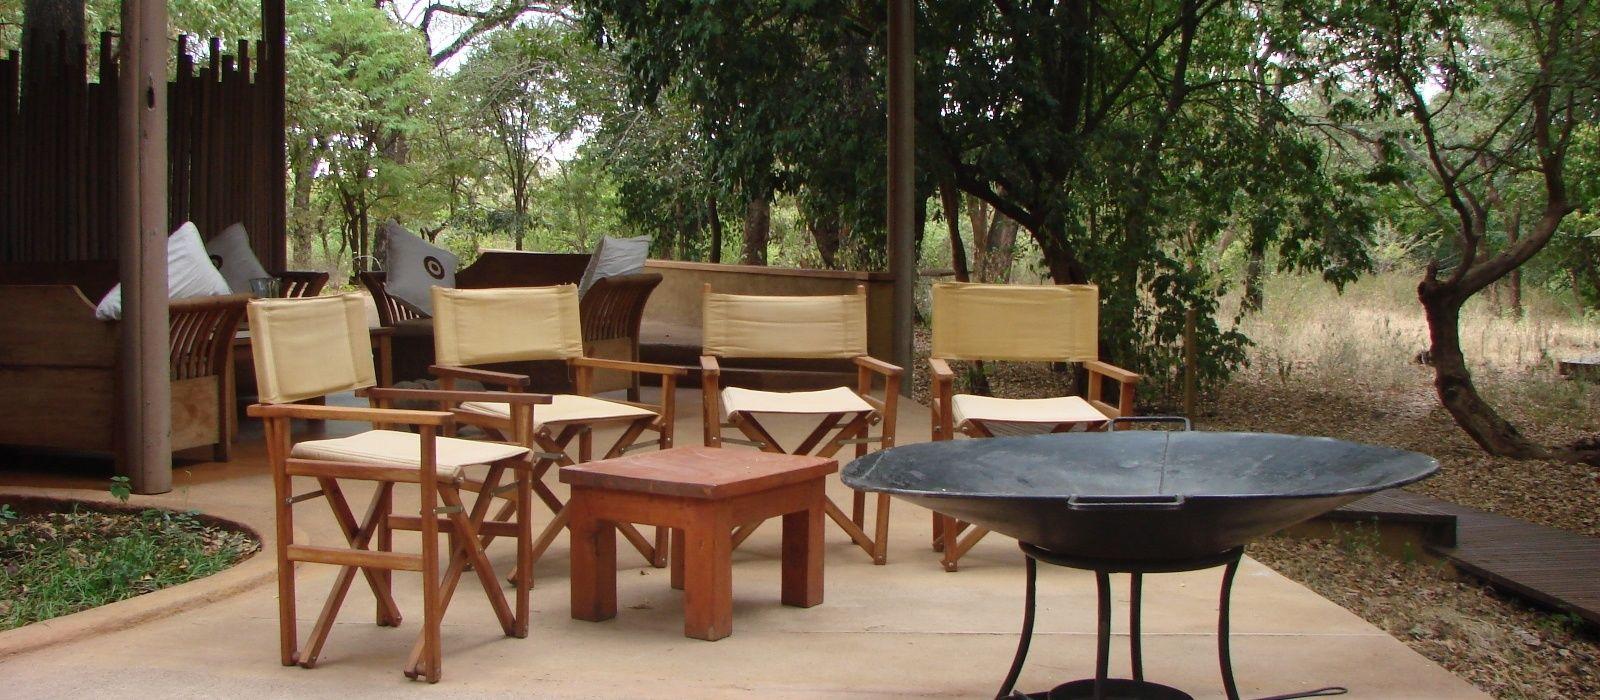 Hotel Rhino River Camp Kenya